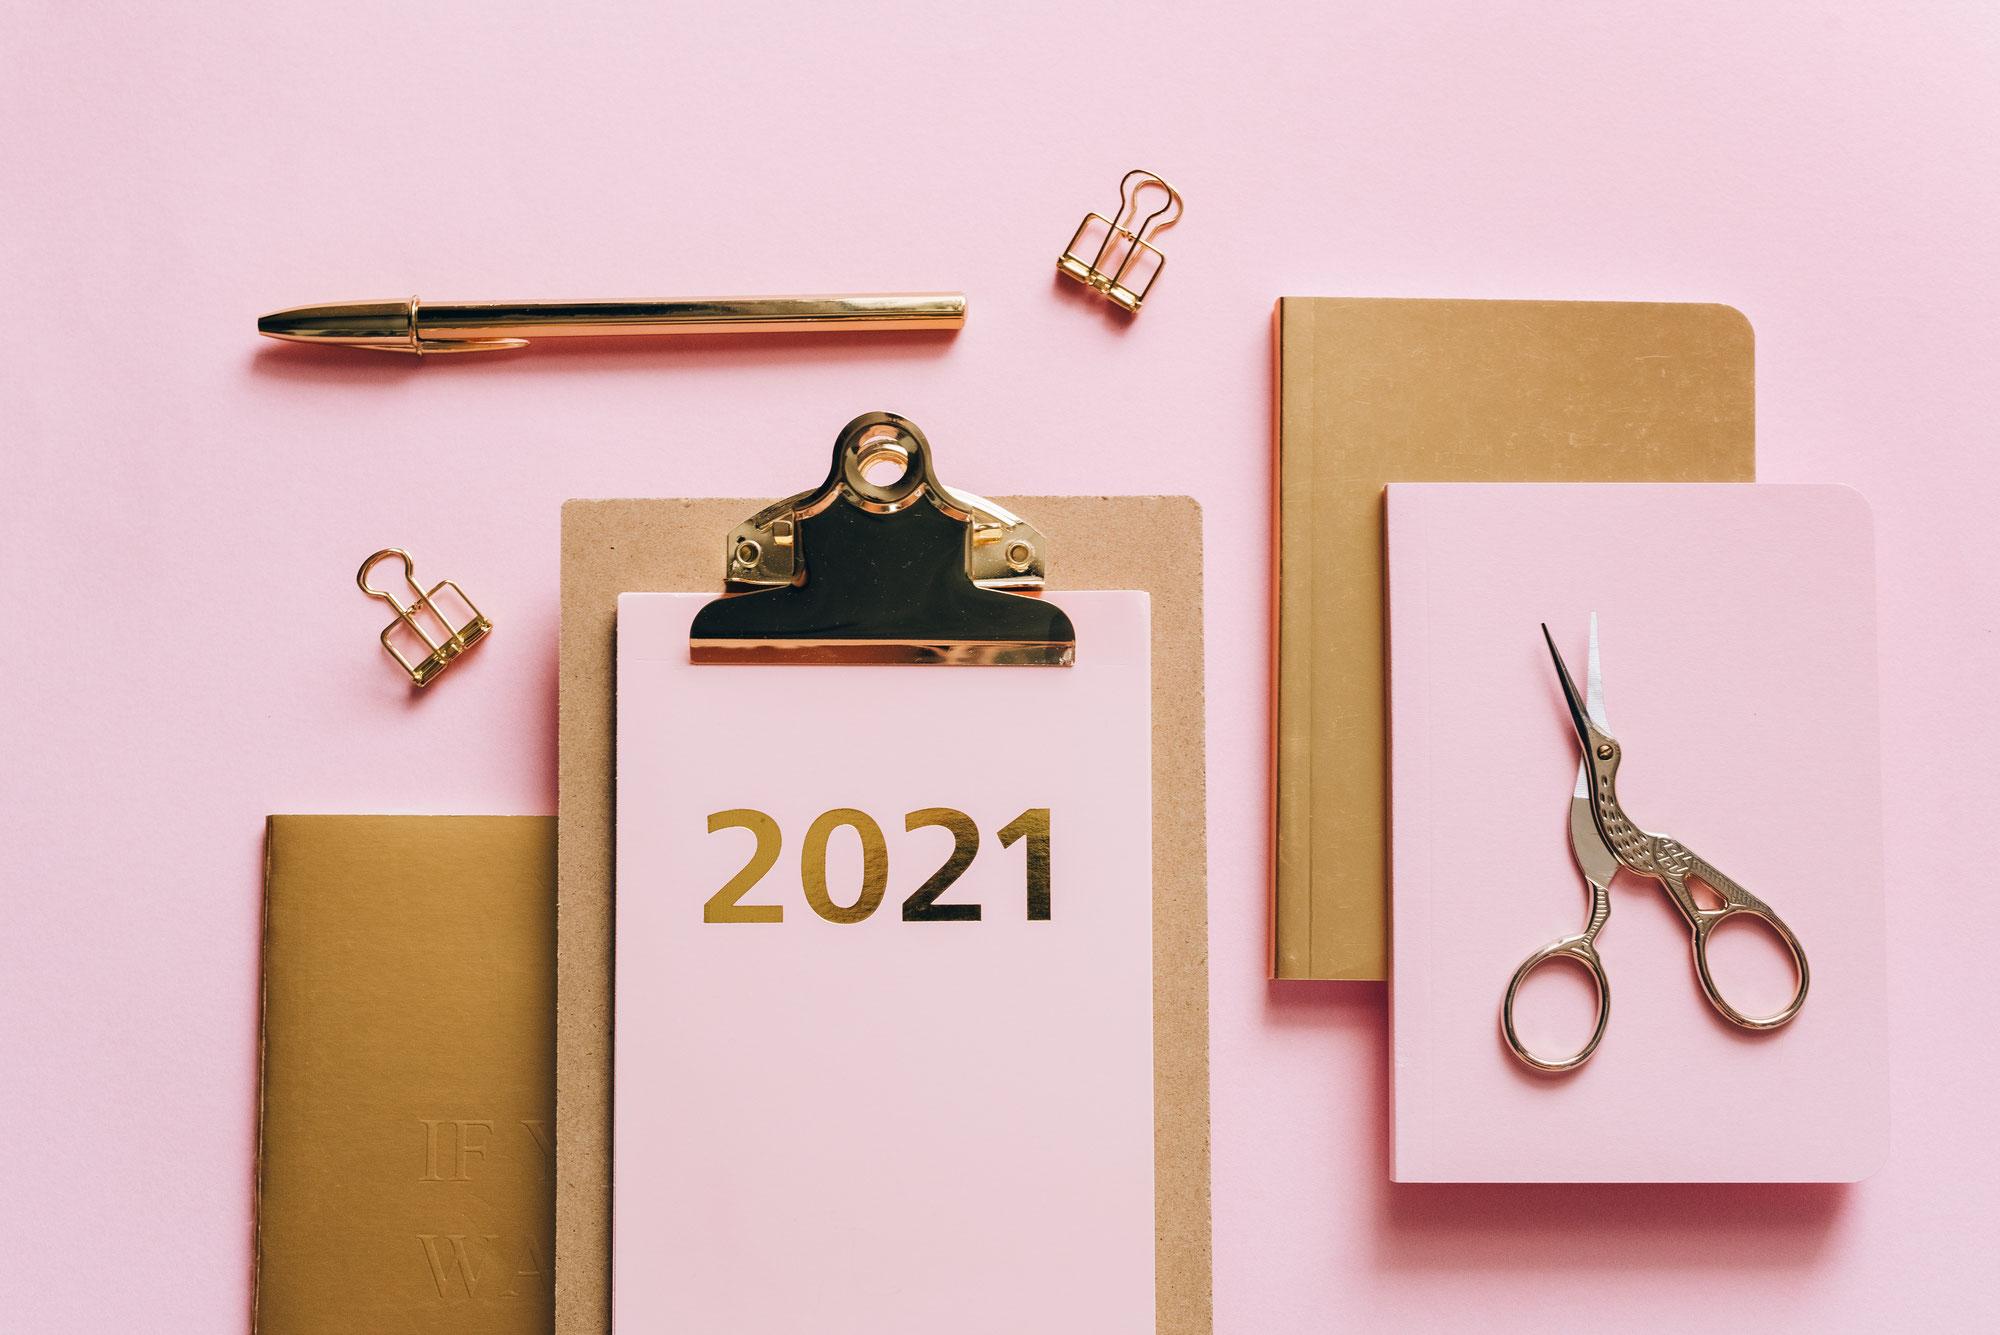 Bilan 2020 : les choix d'une secrétaire indépendante